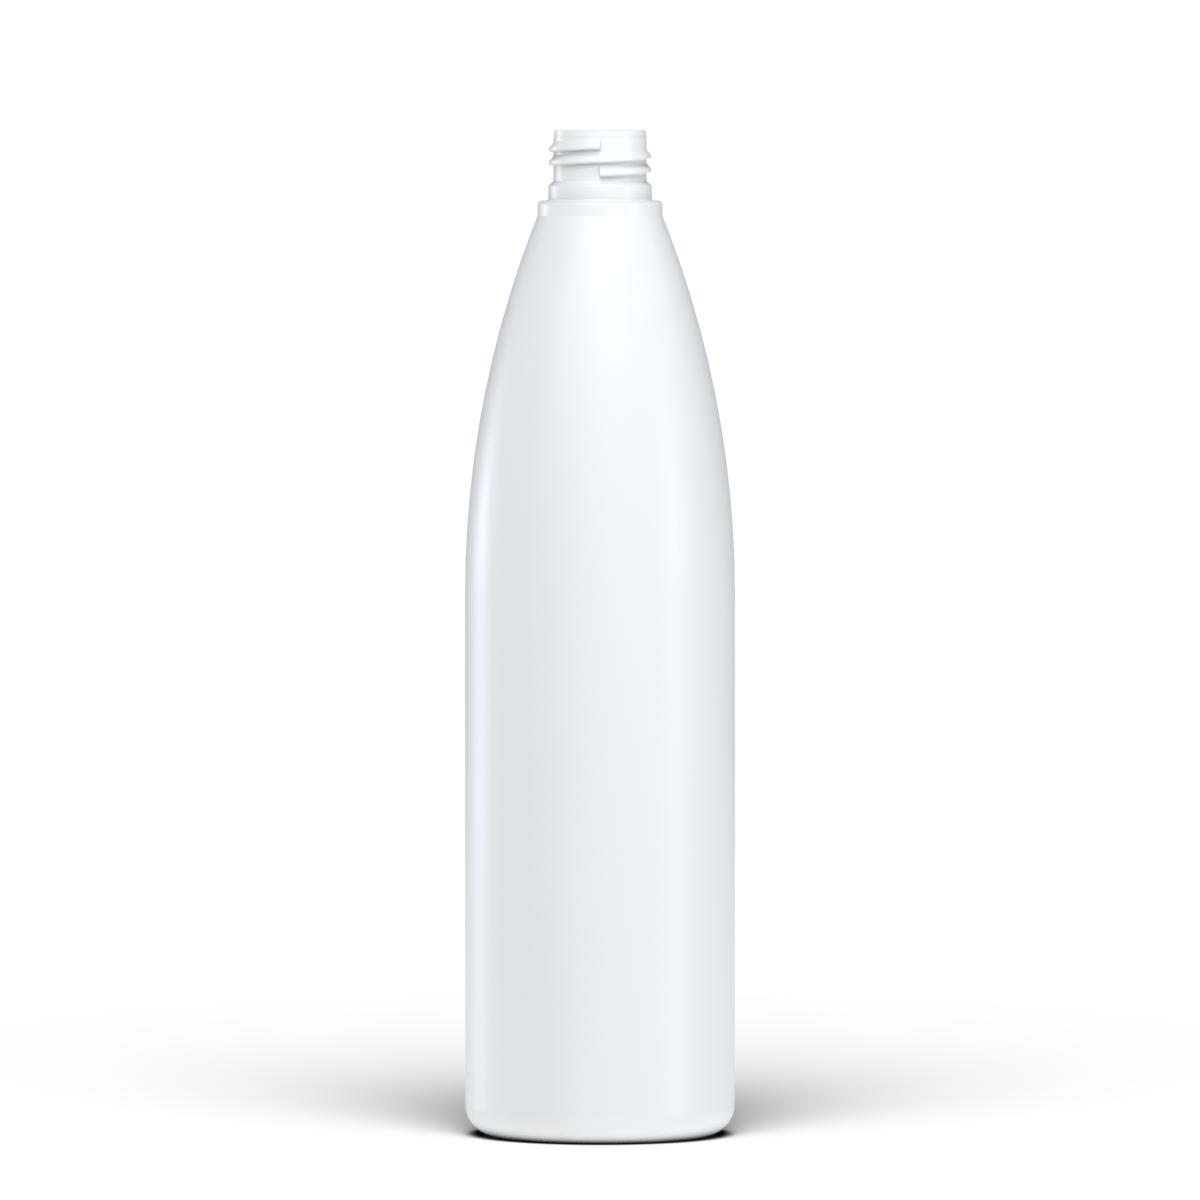 Flacone cilindrico 500 ml HDPE/SOFT TOUCH, collo 24/410, linea ISCHIA (Reale)